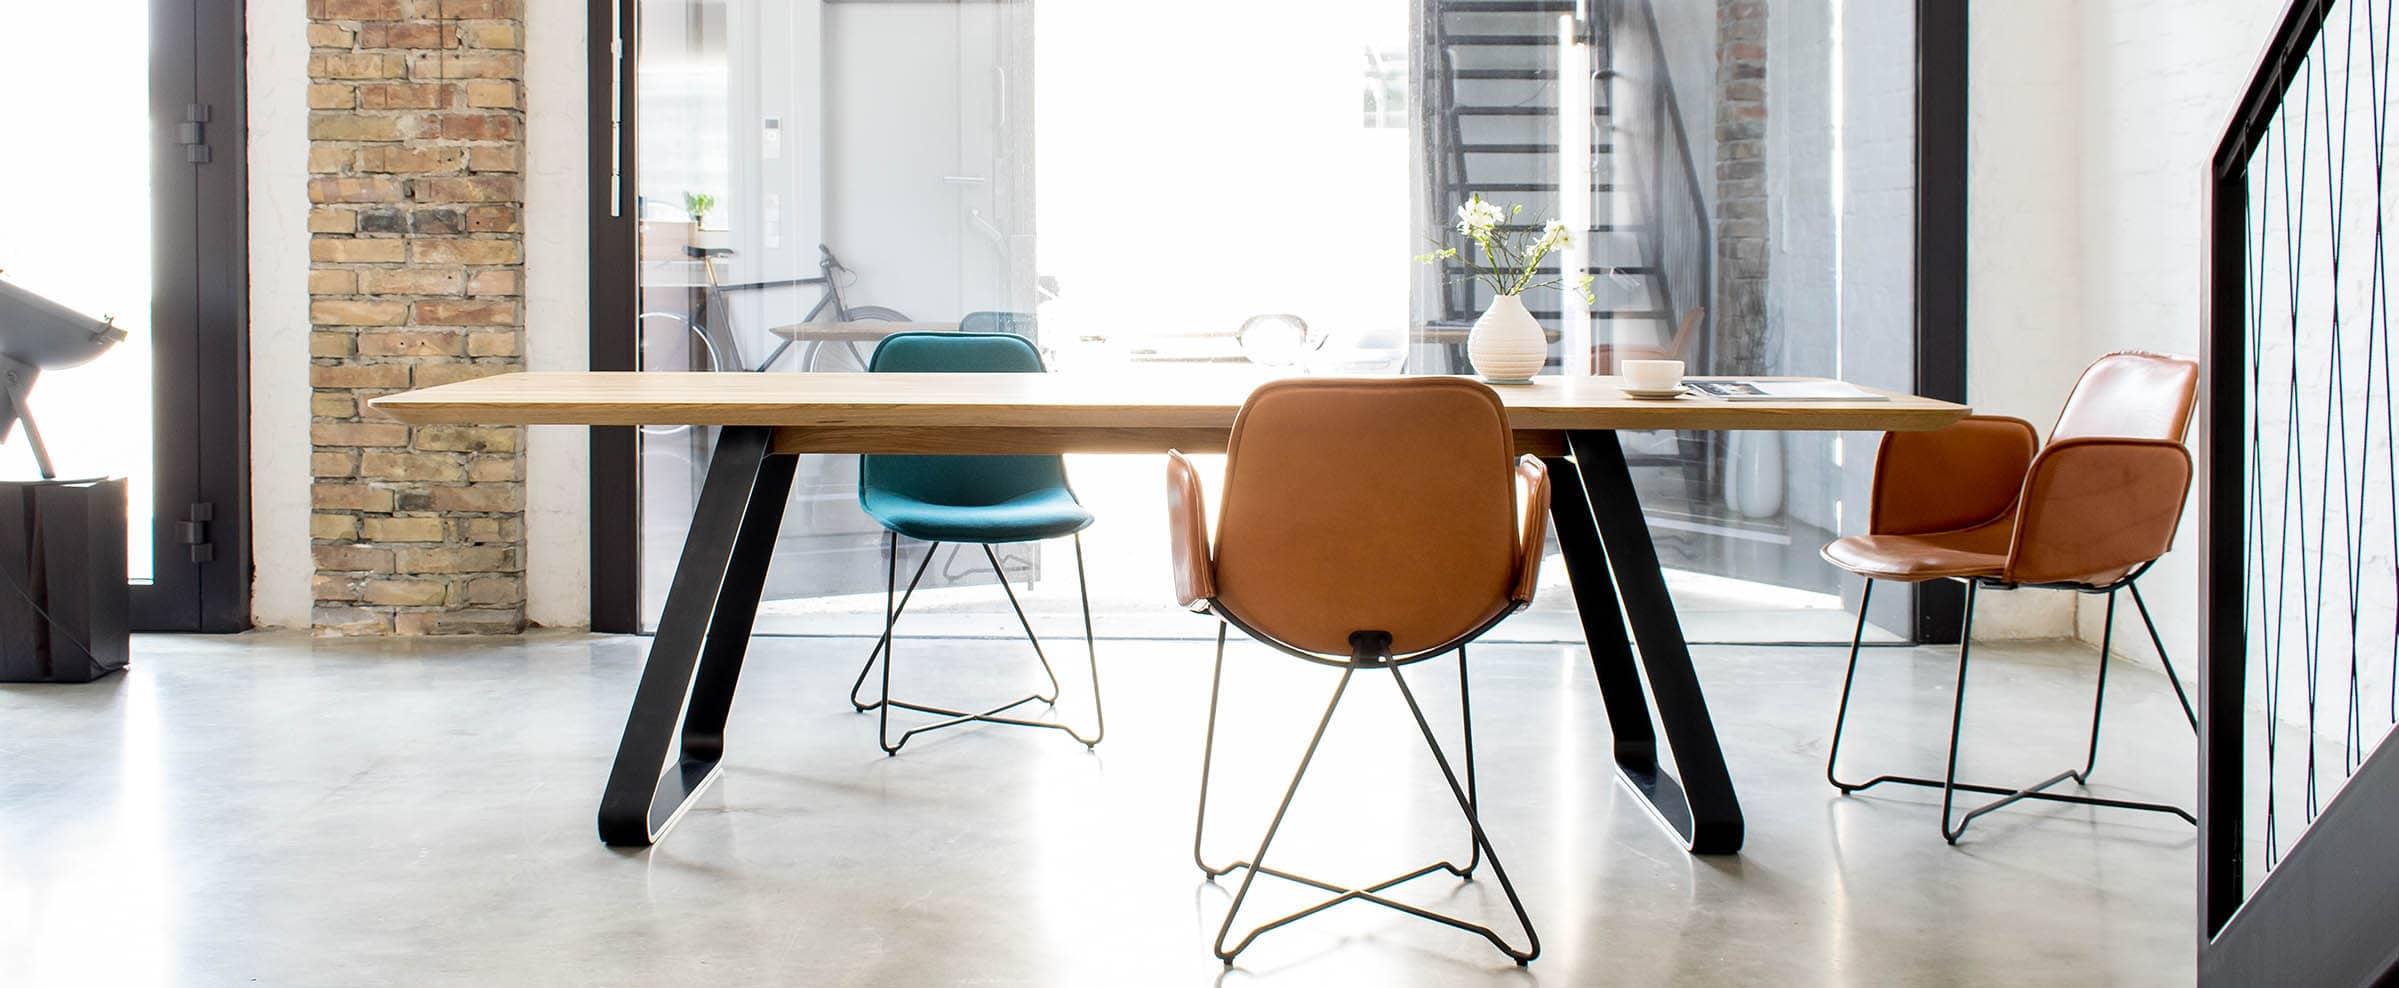 design esstisch nach maß, mbzwo, brutus, tisch nach maß